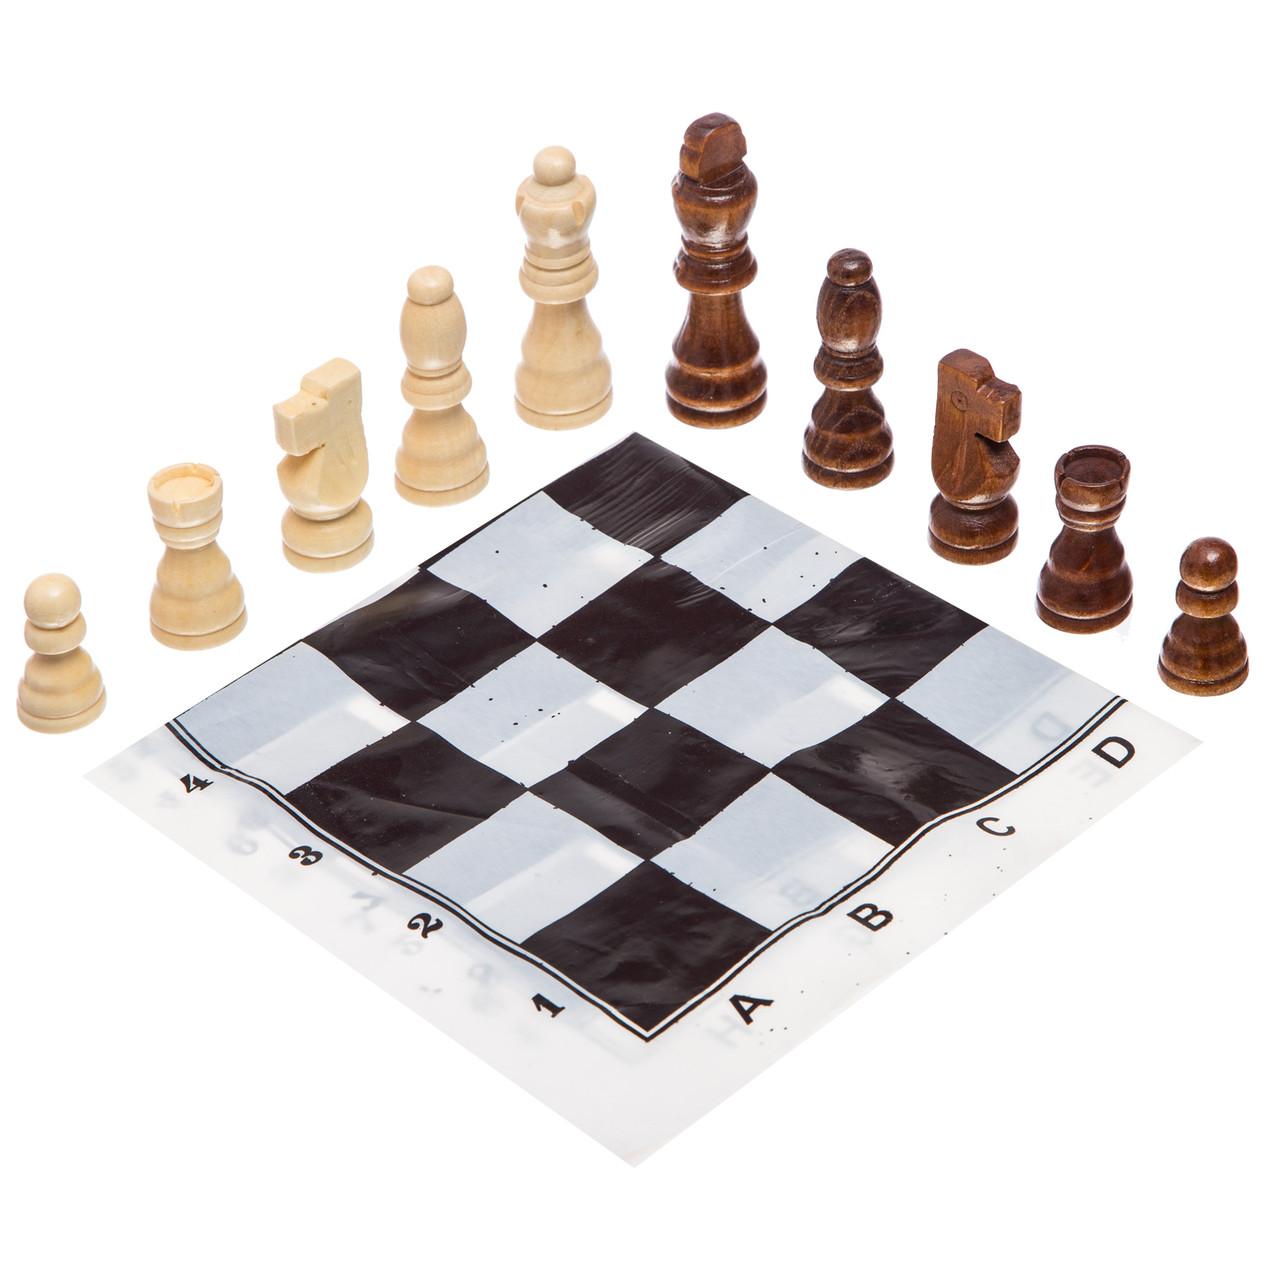 Шахматные фигуры деревянные с полотном PVC для игр (дерево, h-7,8см)